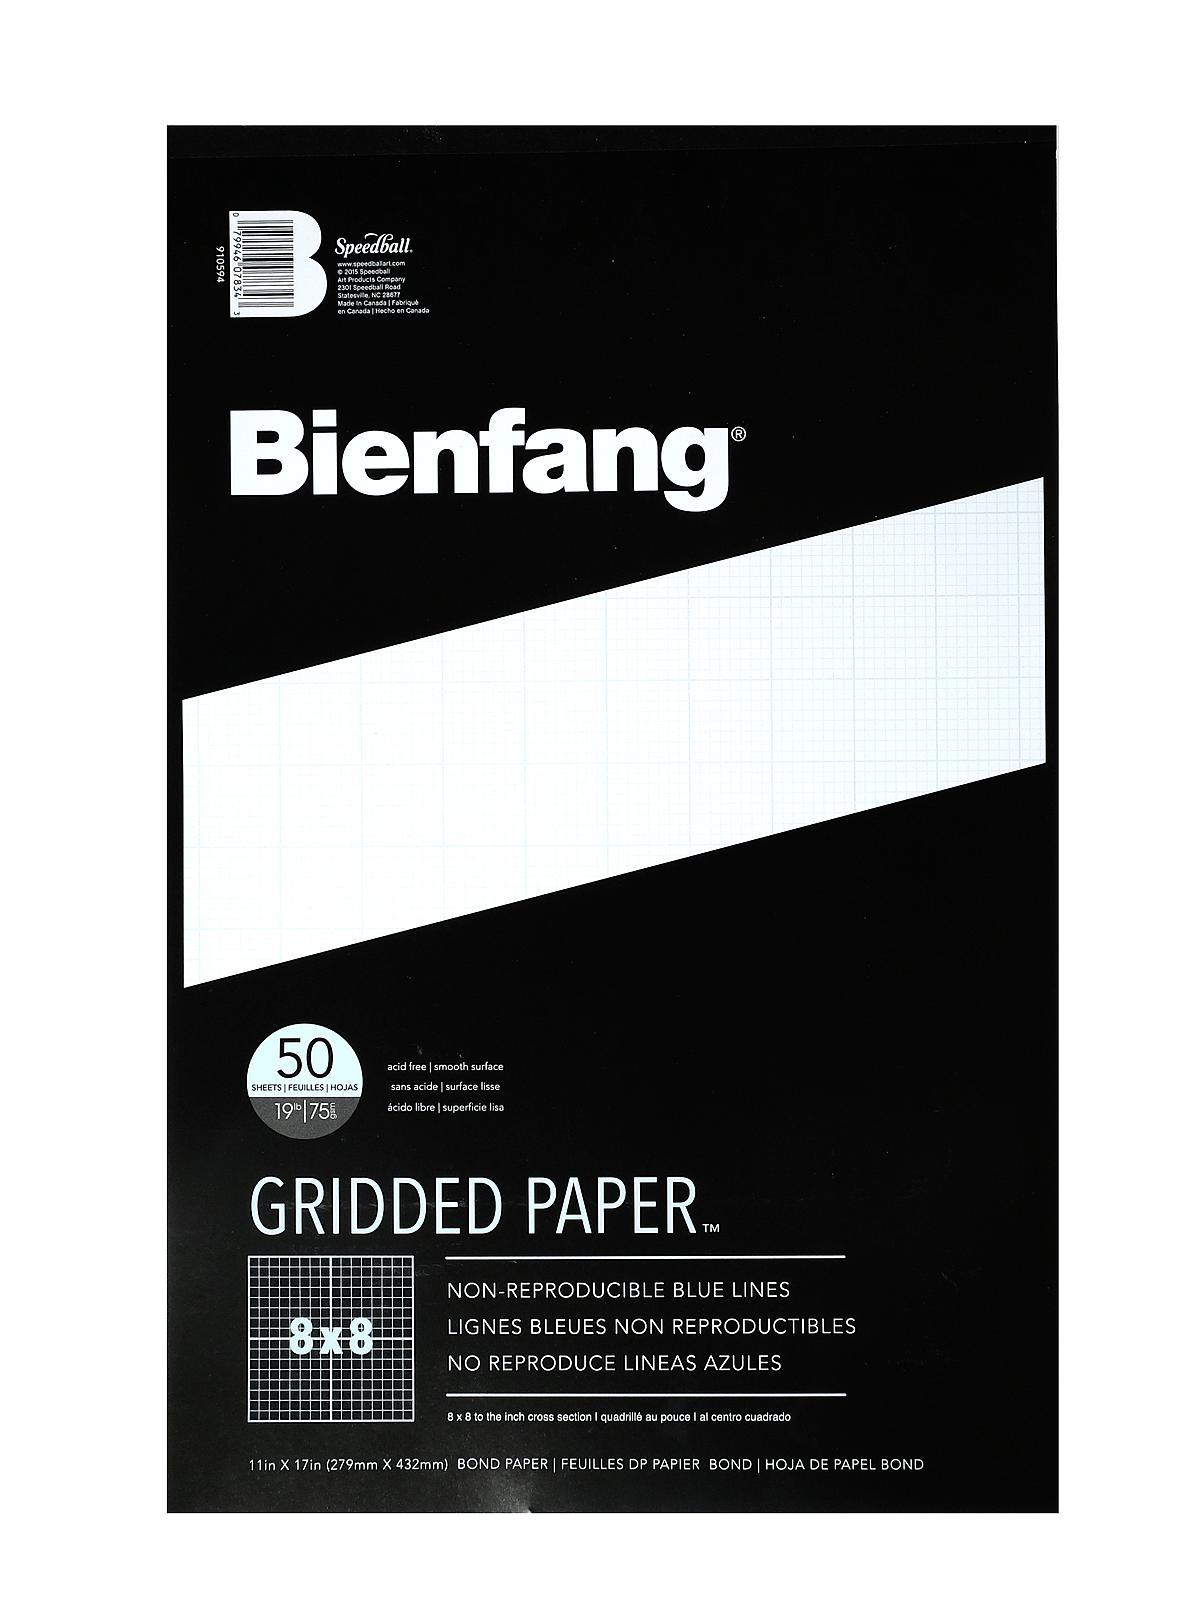 Gridded Paper